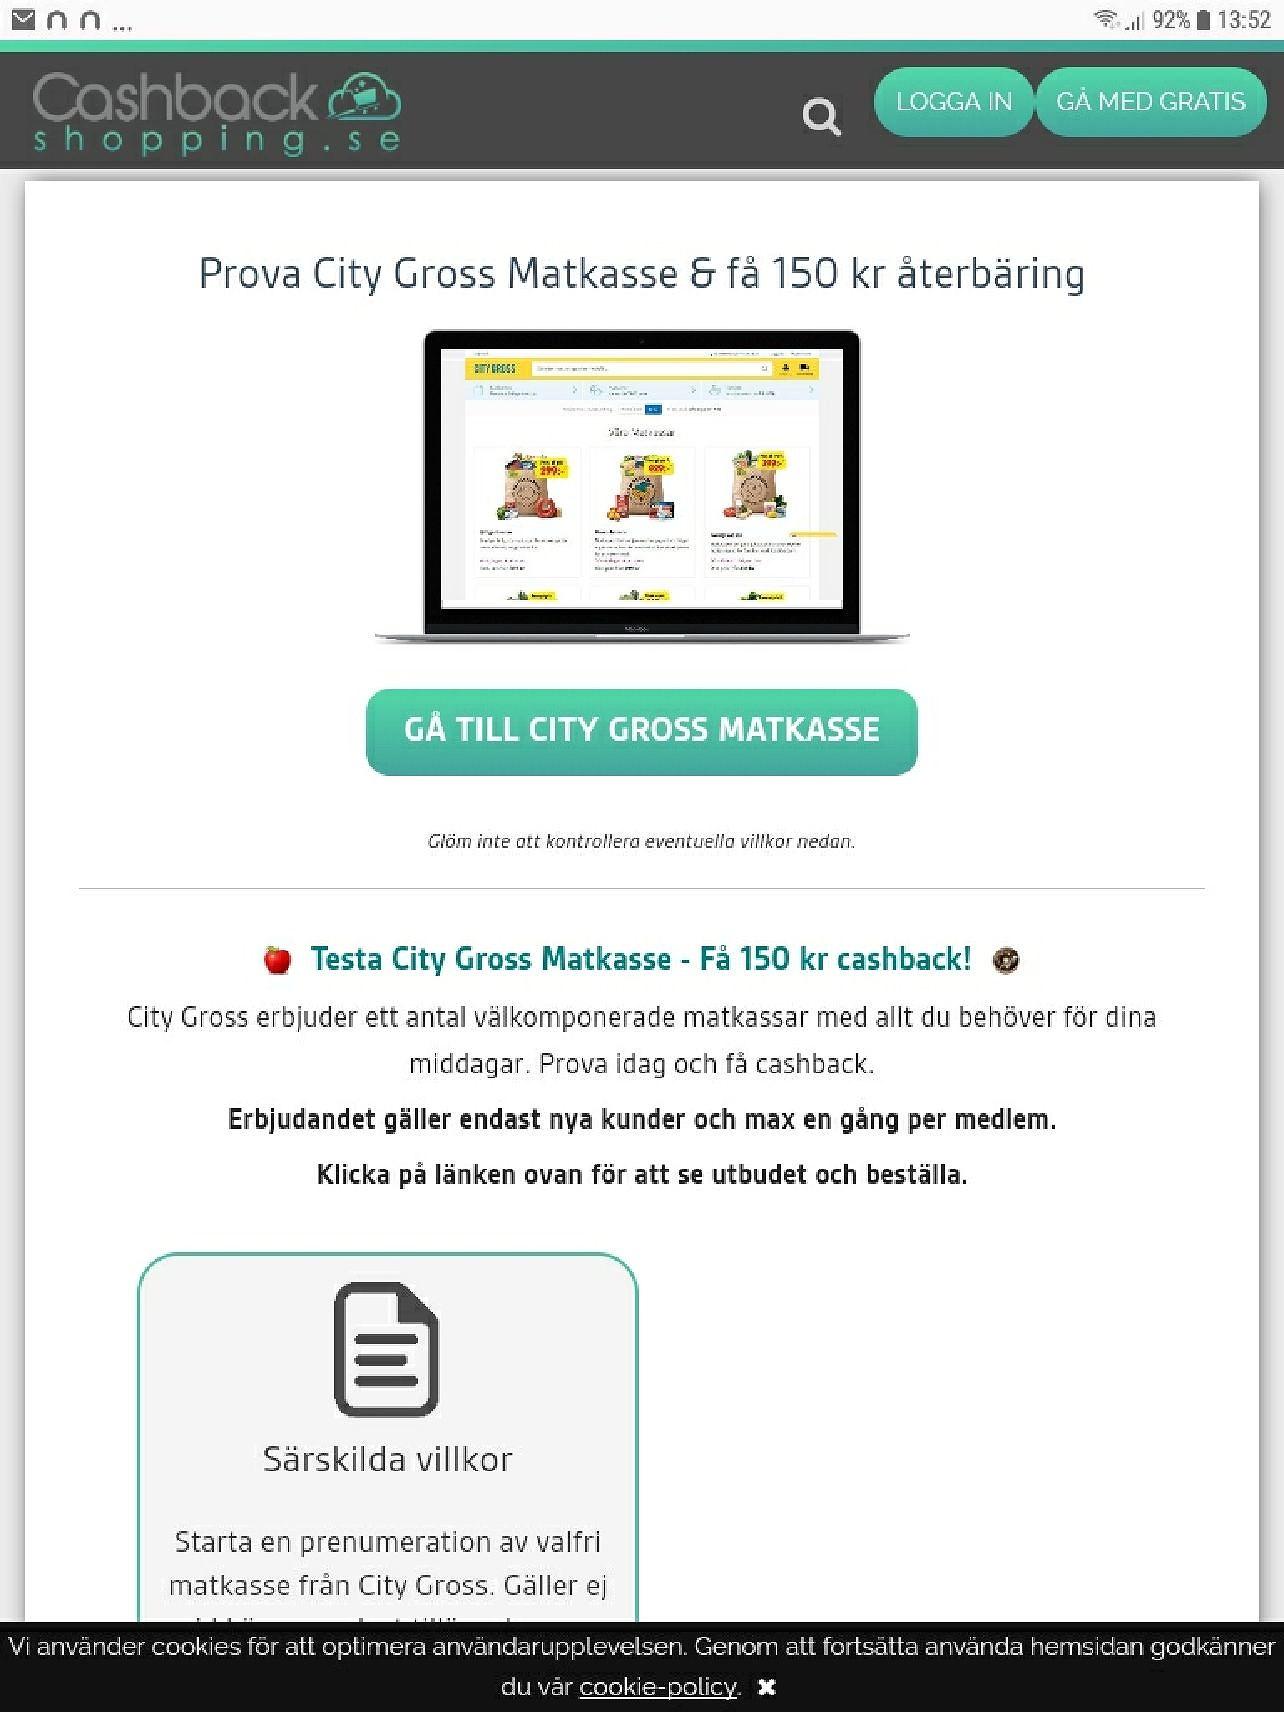 Cashbackshopping.se få 150kr rabatt på City Gross matkasse